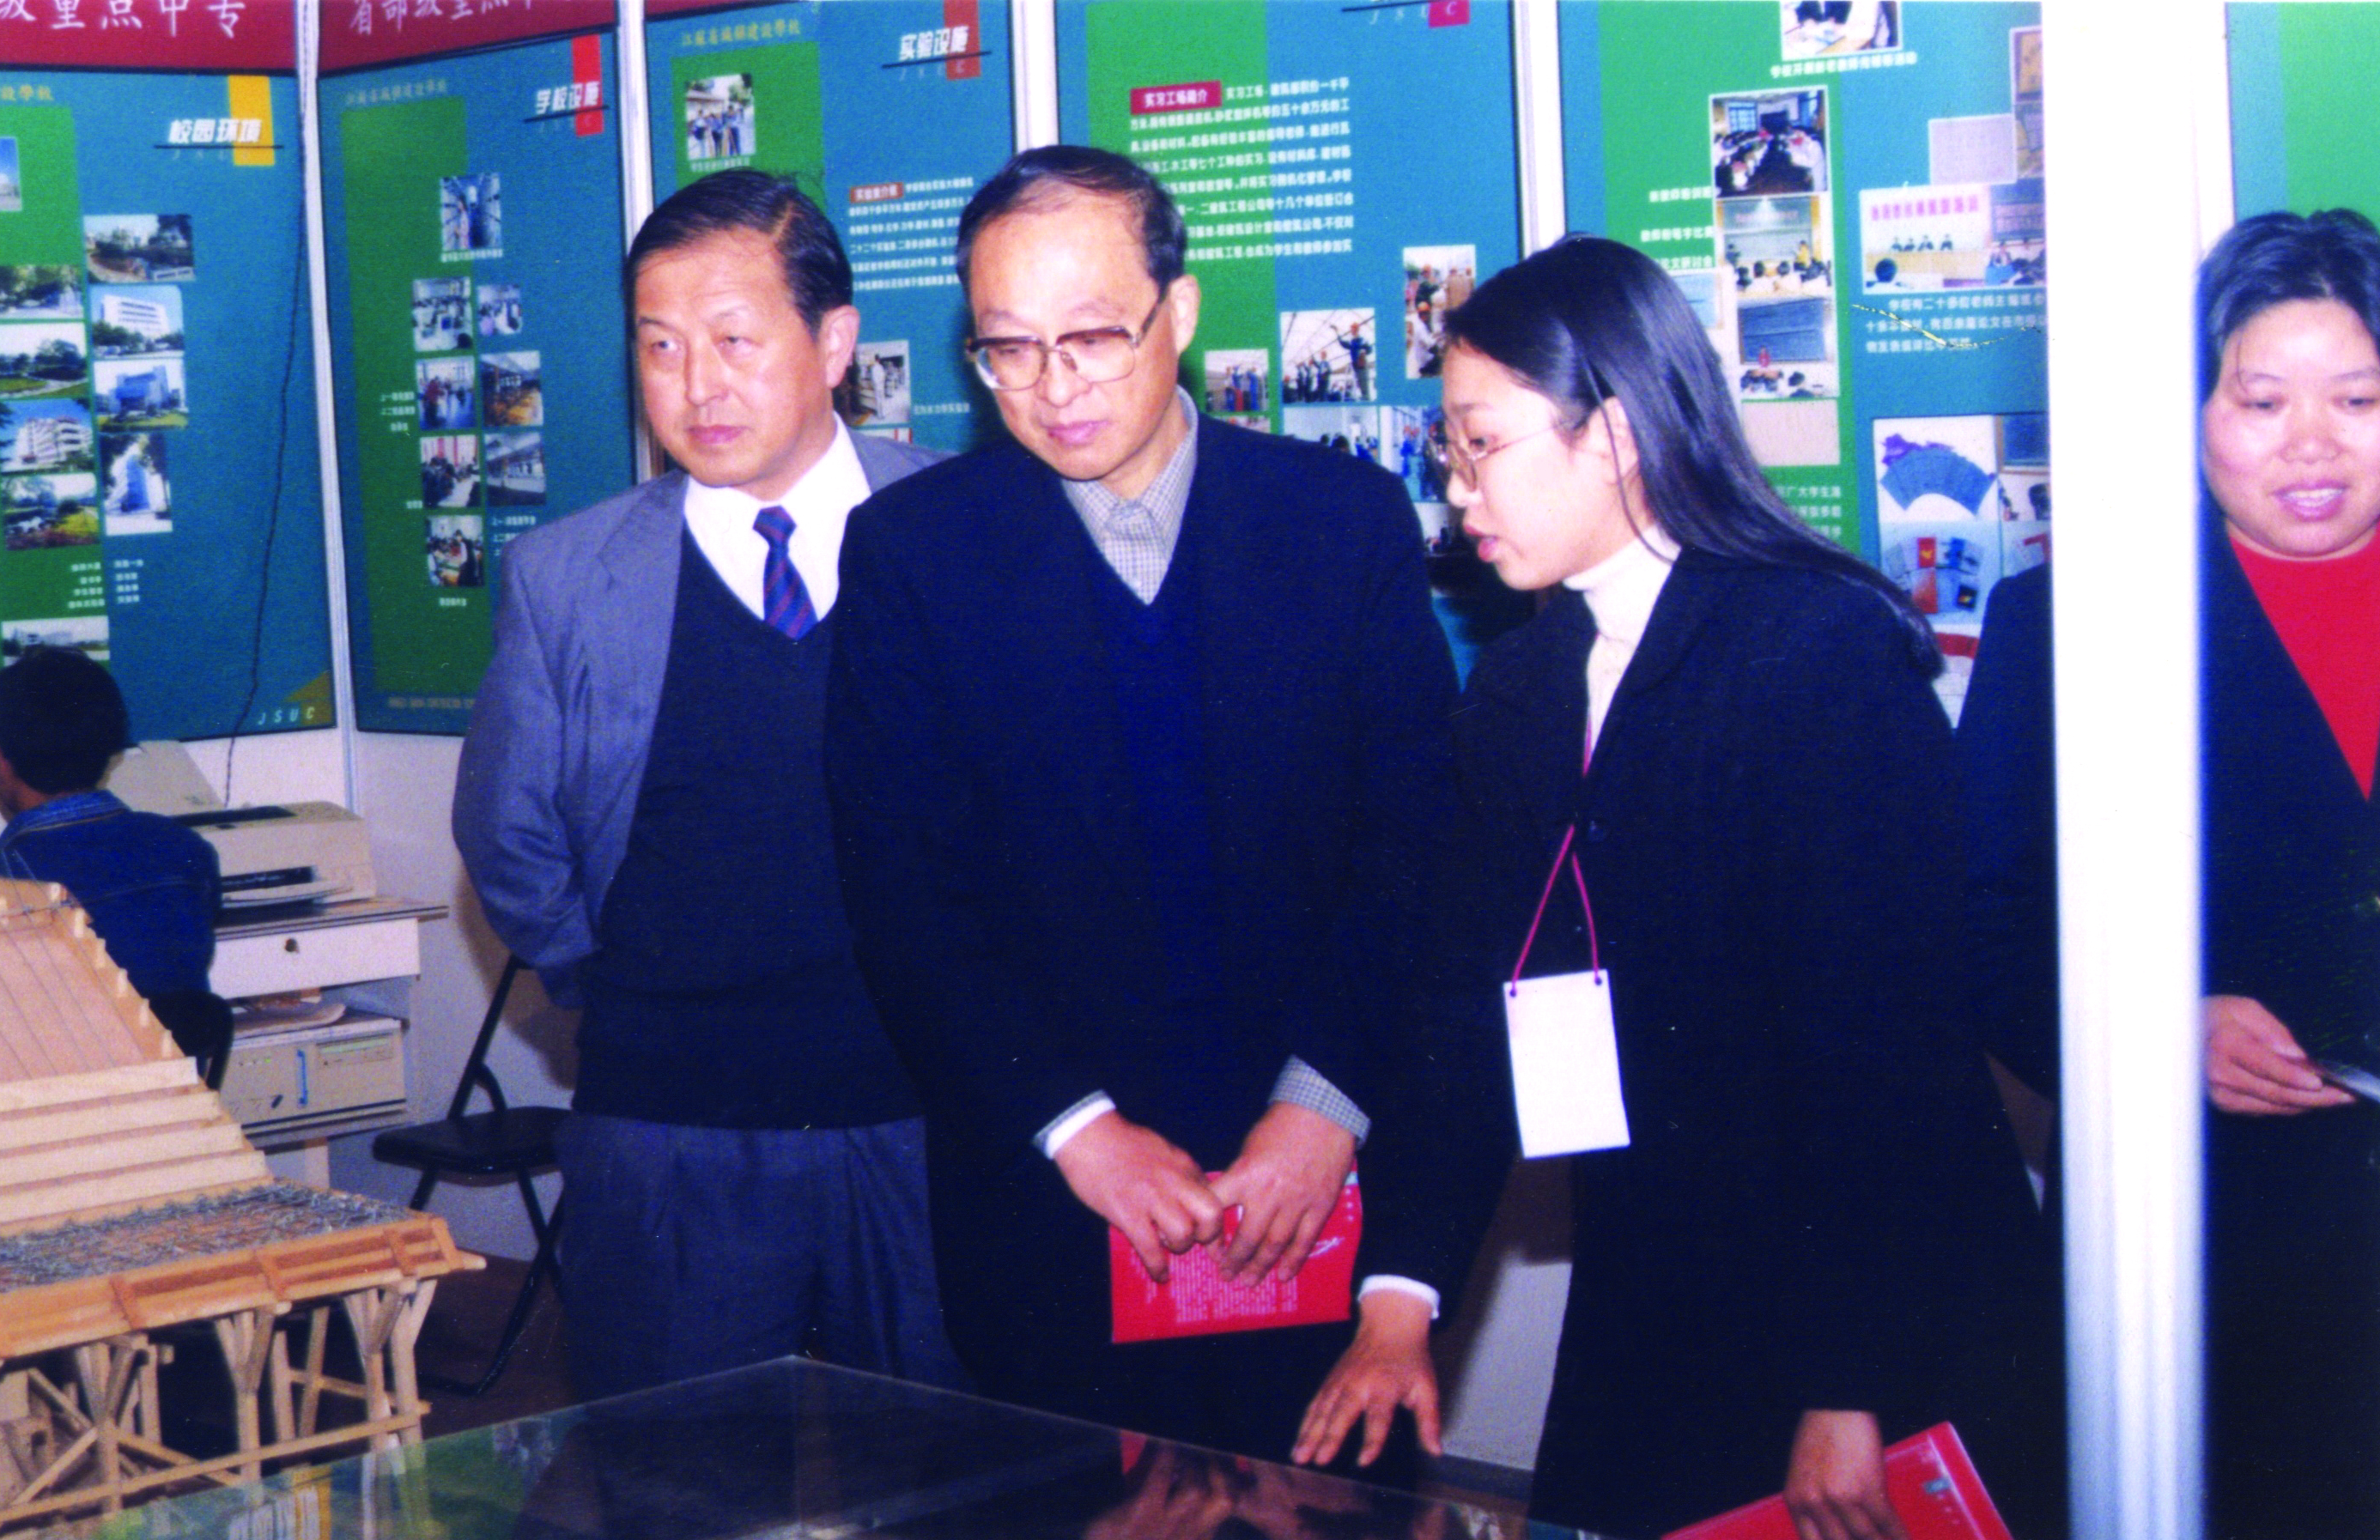 2008年5月,常州市委书记虞振新在常州首届博览会现场视察学校展区。